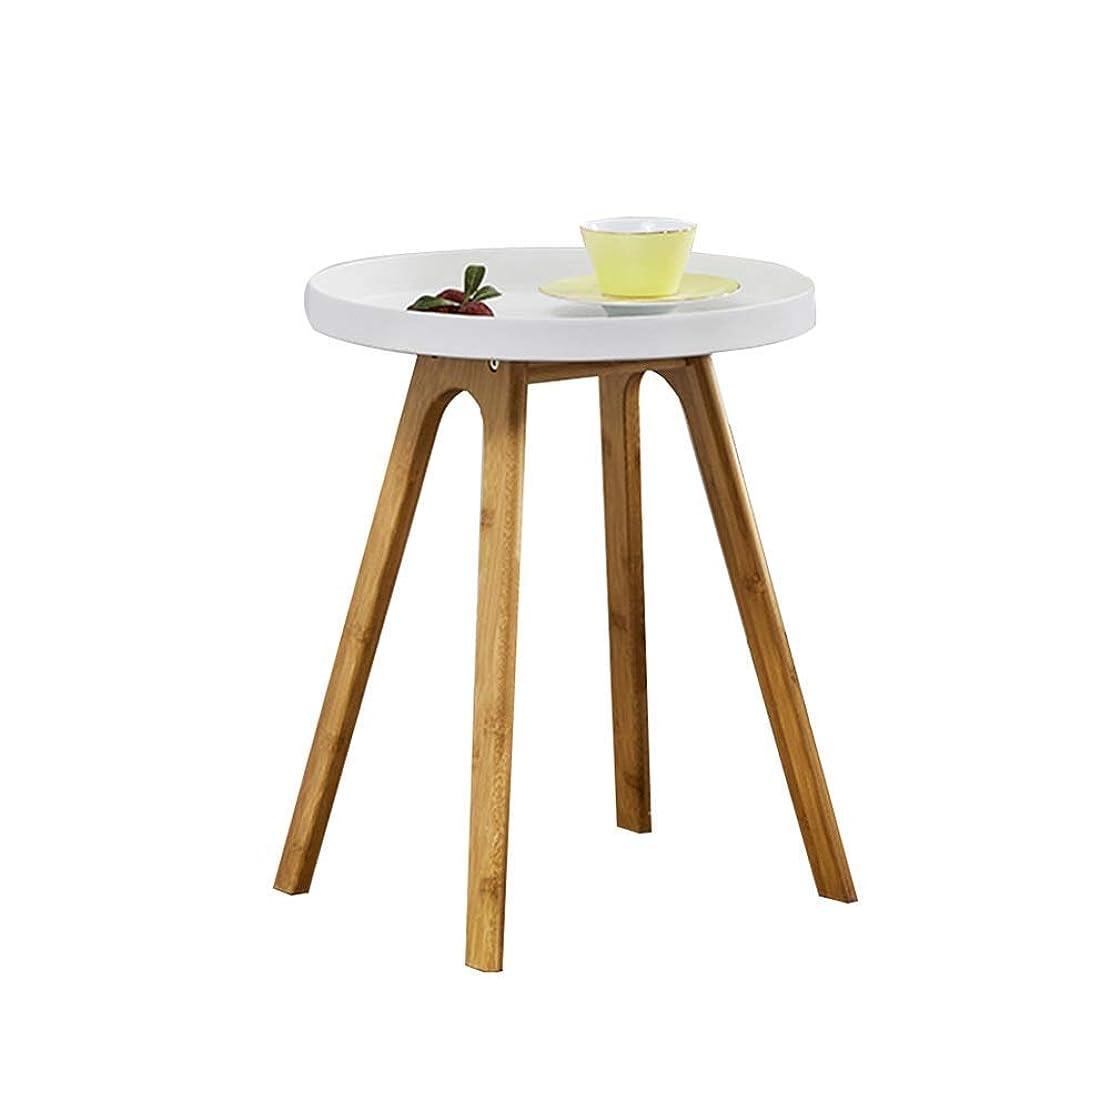 些細な自分のためにアートサイドテーブル、ラウンドV-足白いソファサイドテーブルベッドサイドトレイ表コーヒーテーブルリビングルームのベッドルーム14.7x18.1inchのために使用される4本の天然竹の足で lsmaa